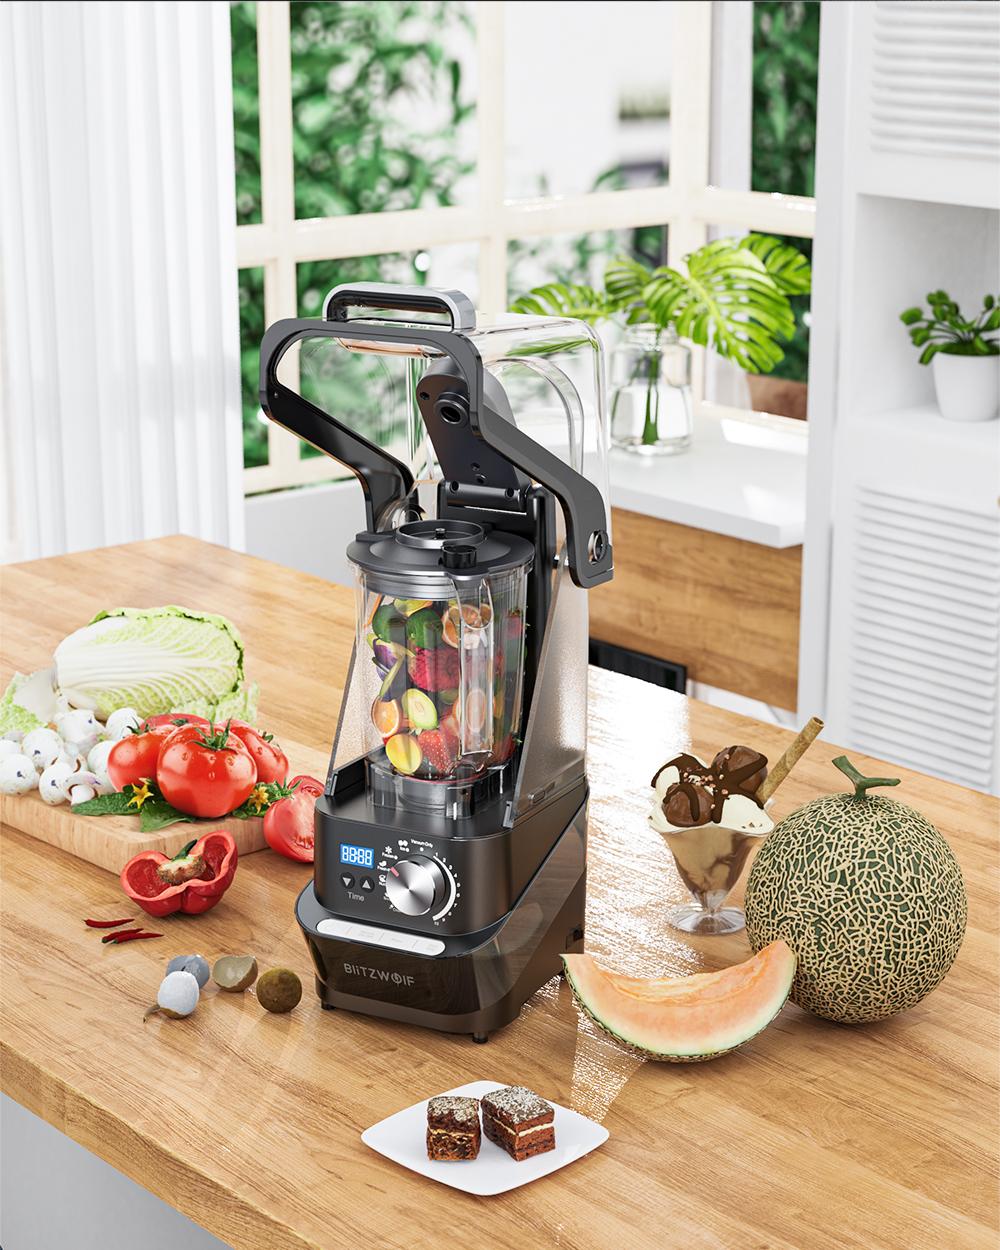 Batidora de vaso BlitzWolf BW-CB2 con frutas y verduras